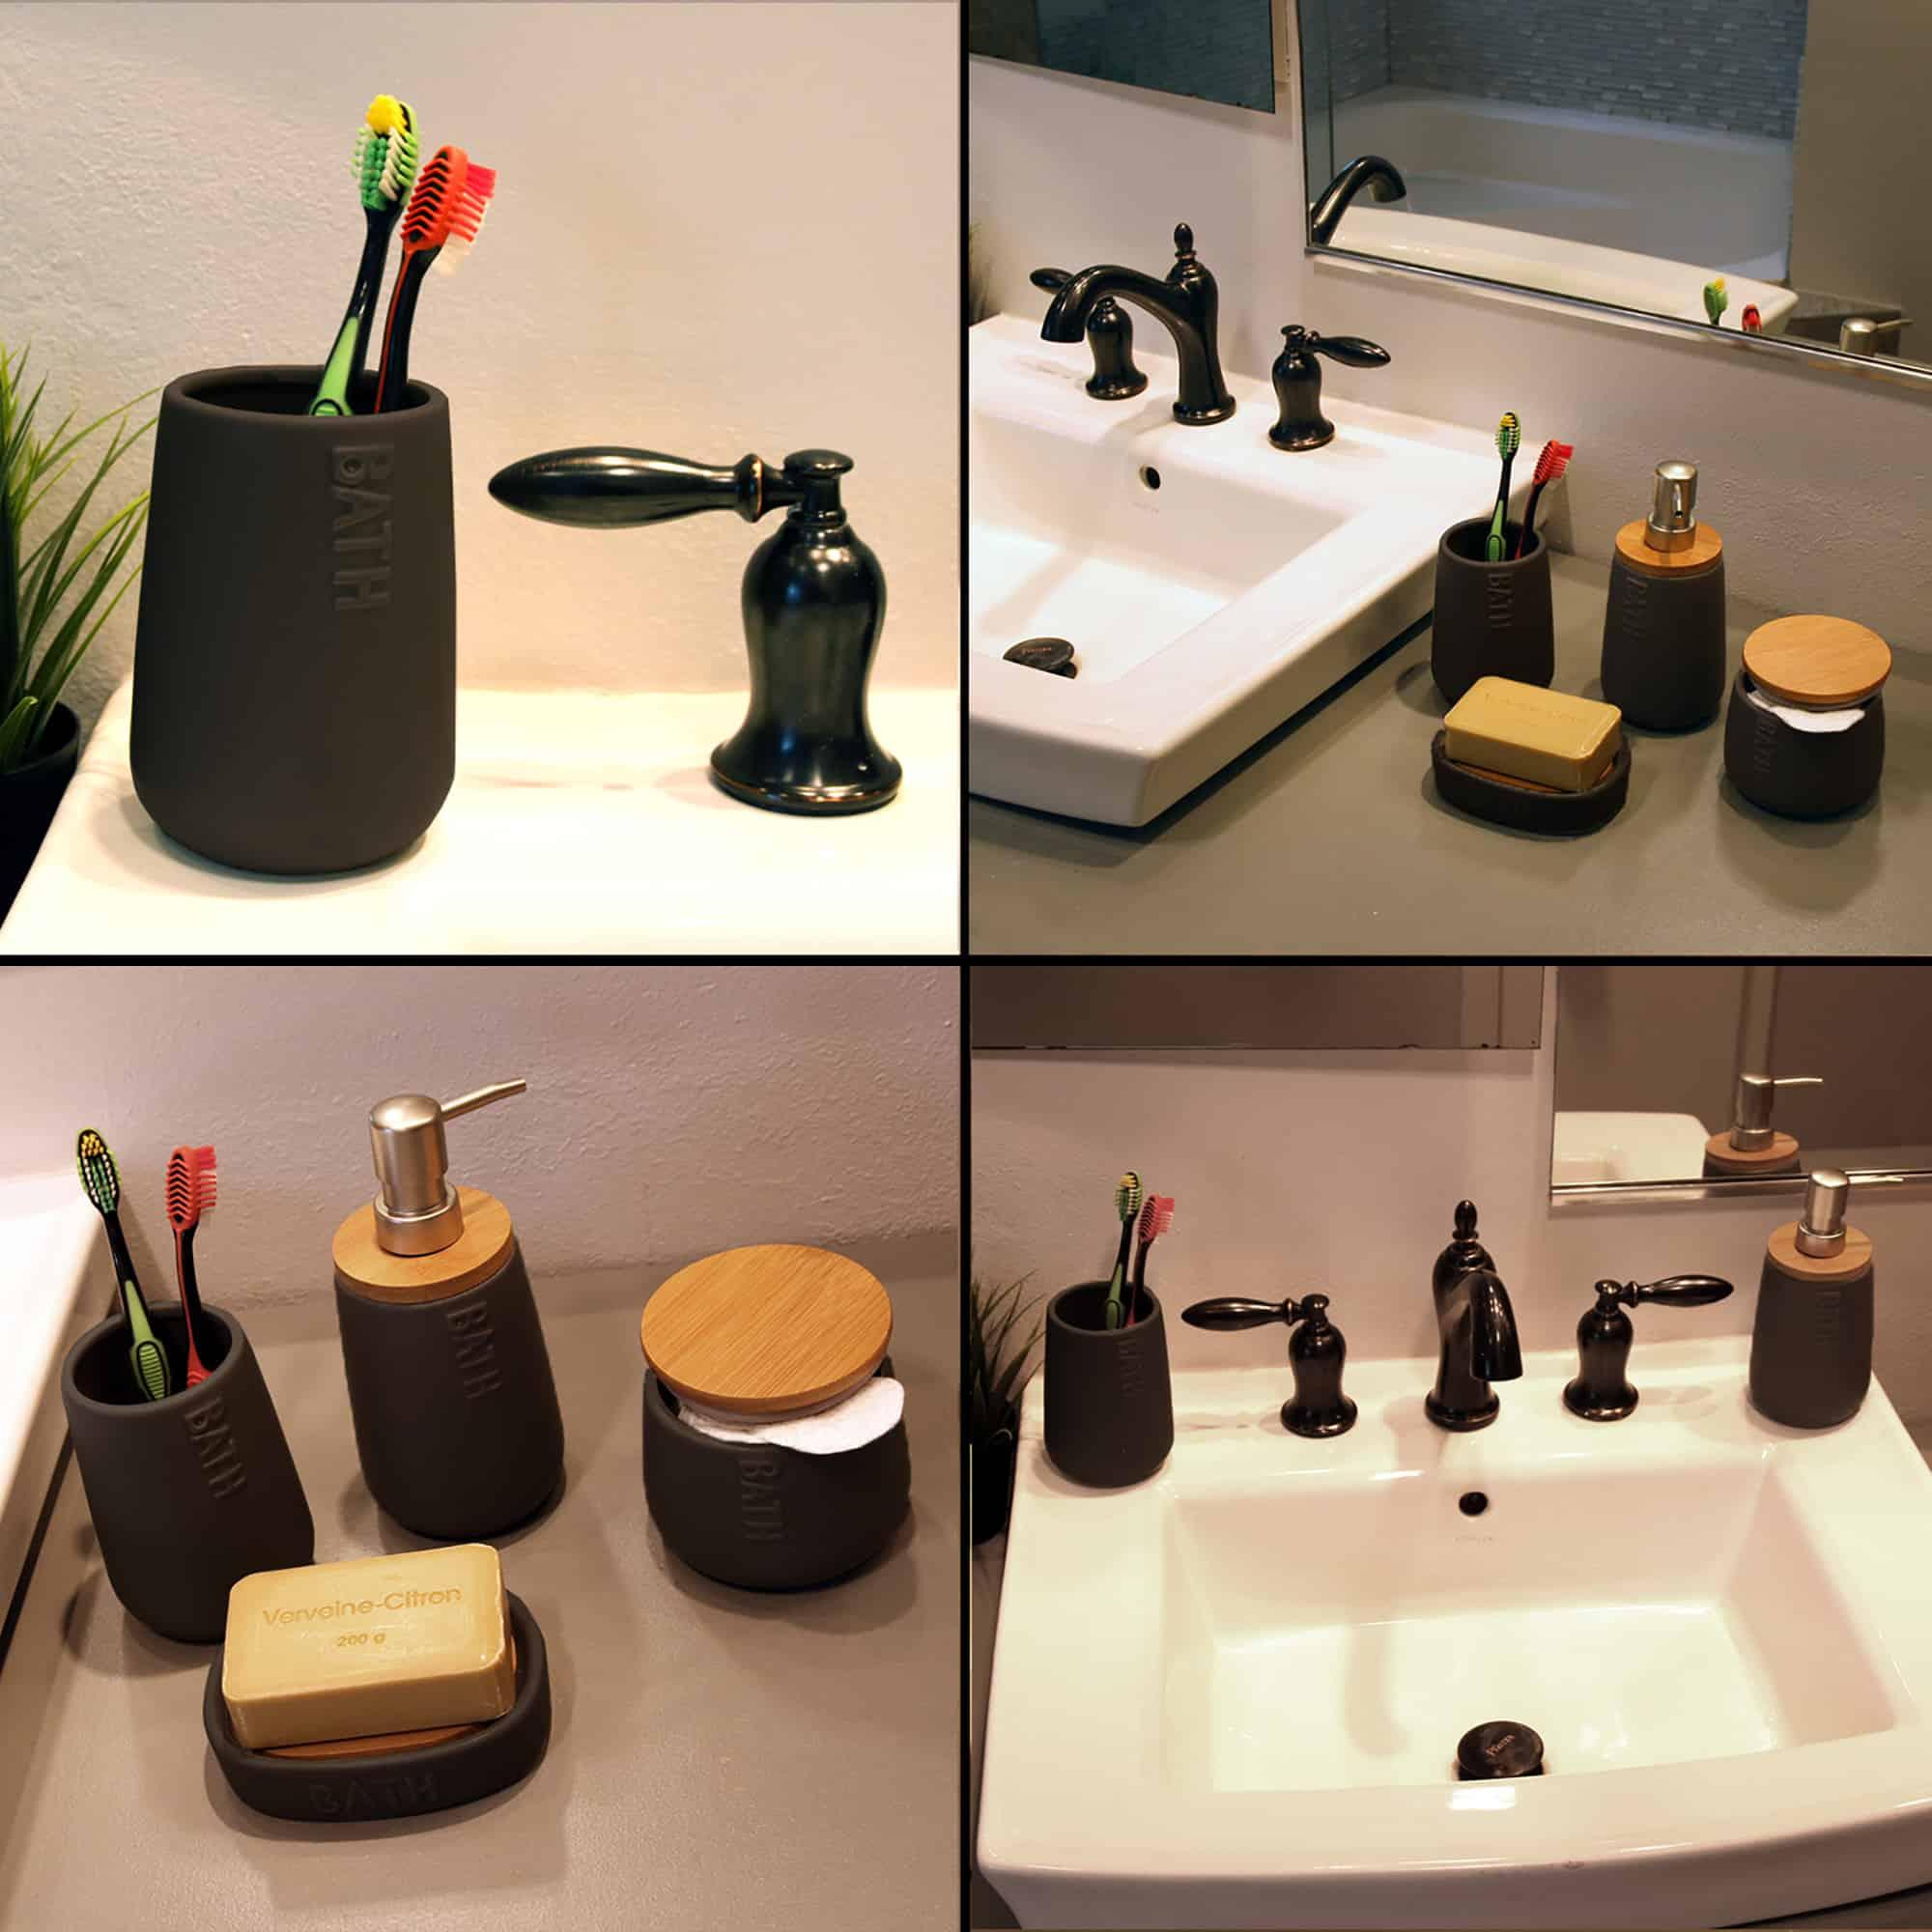 Bath D Dolomite Vanity Soap Dispenser 14 fl oz Black-Bamboo Top